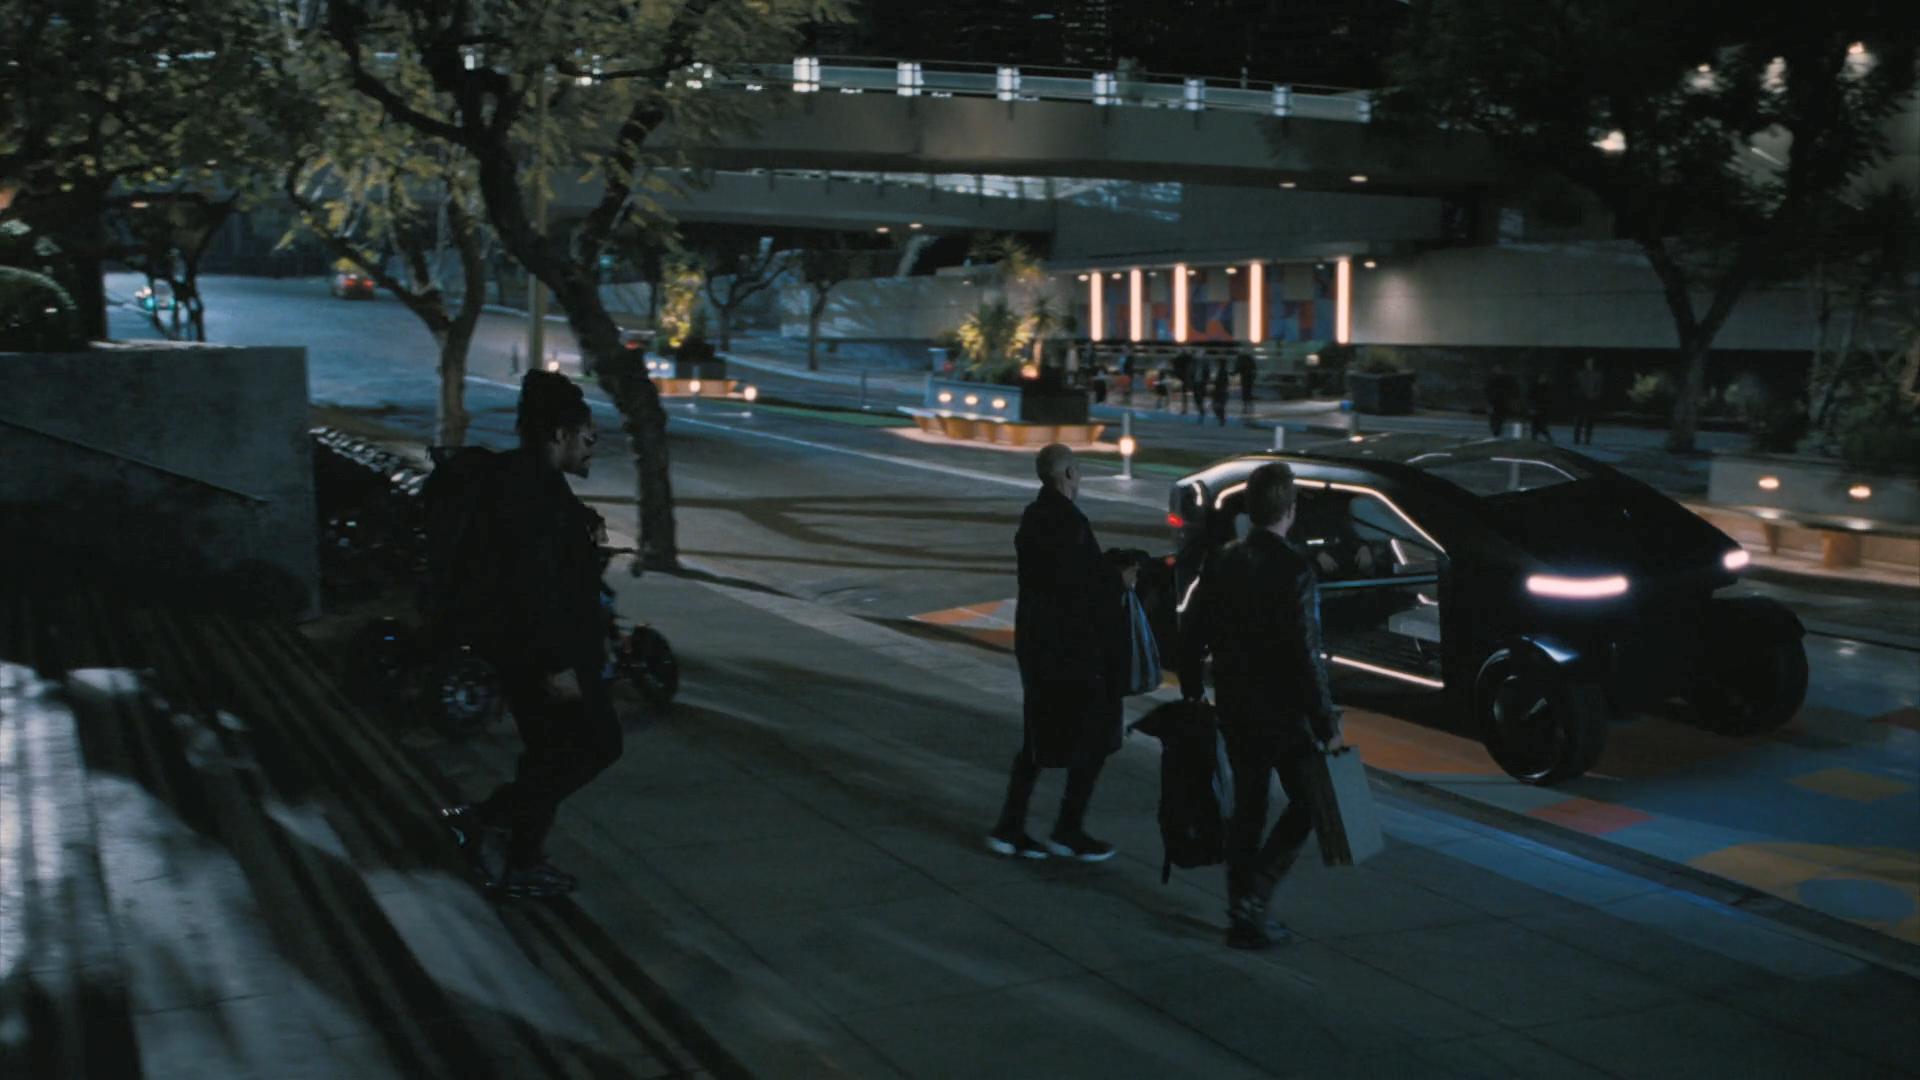 Westworld Season 3 Episode 1 Review - Caleb robs a cach machine